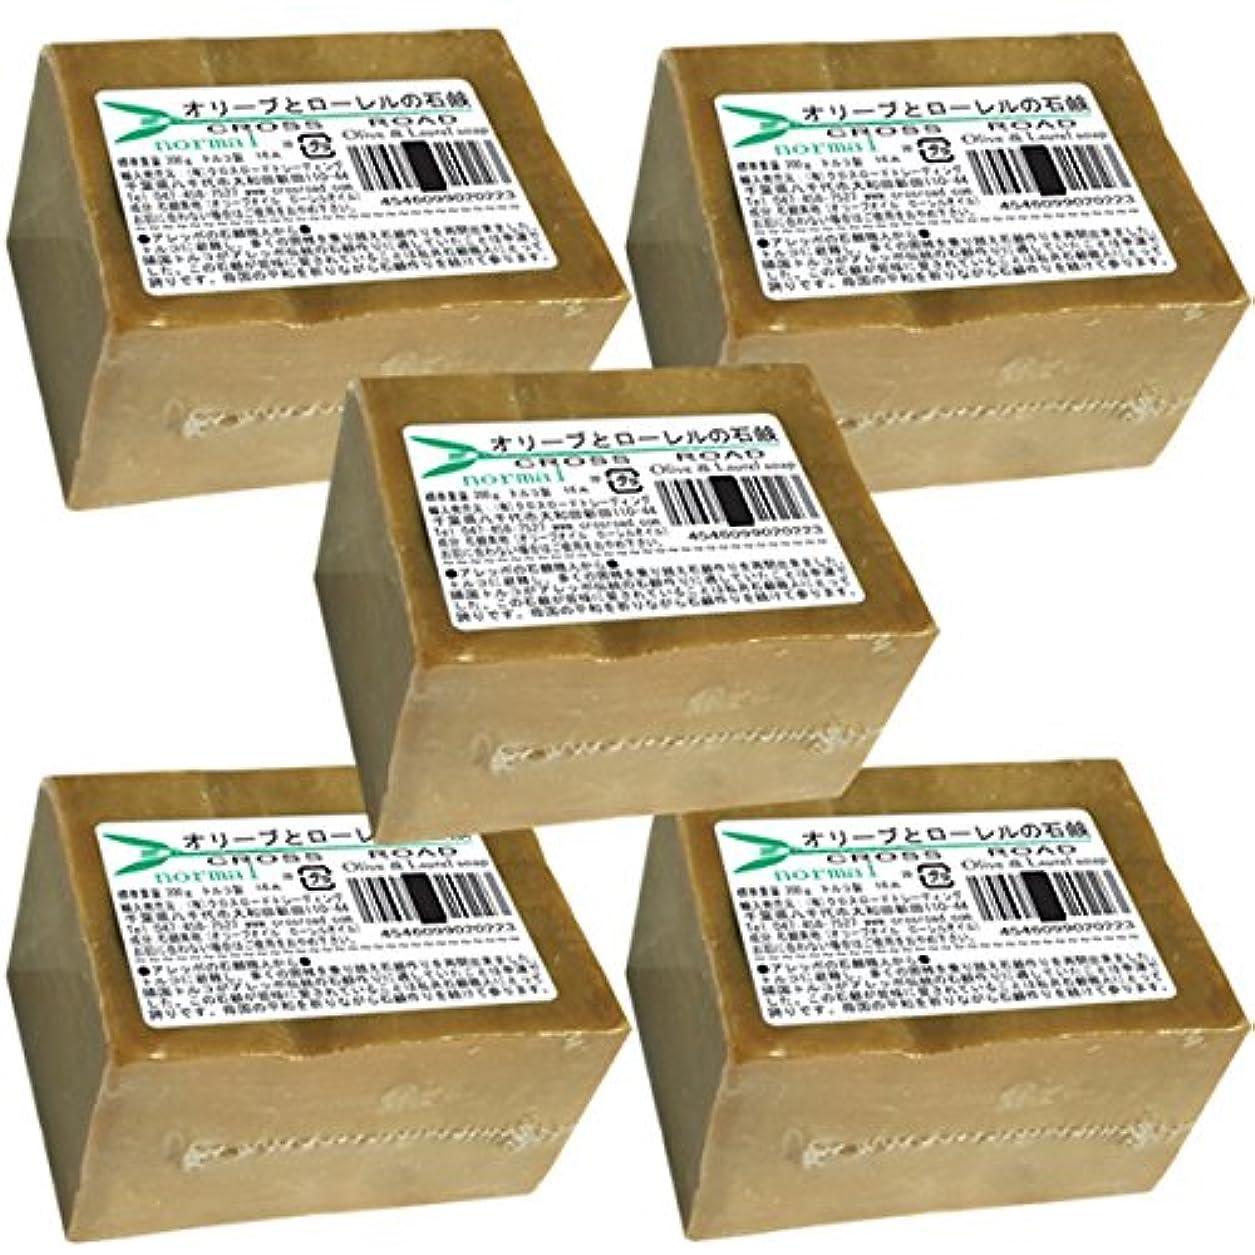 シェルモルヒネ簡潔なオリーブとローレルの石鹸(ノーマル)5個セット[並行輸入品]